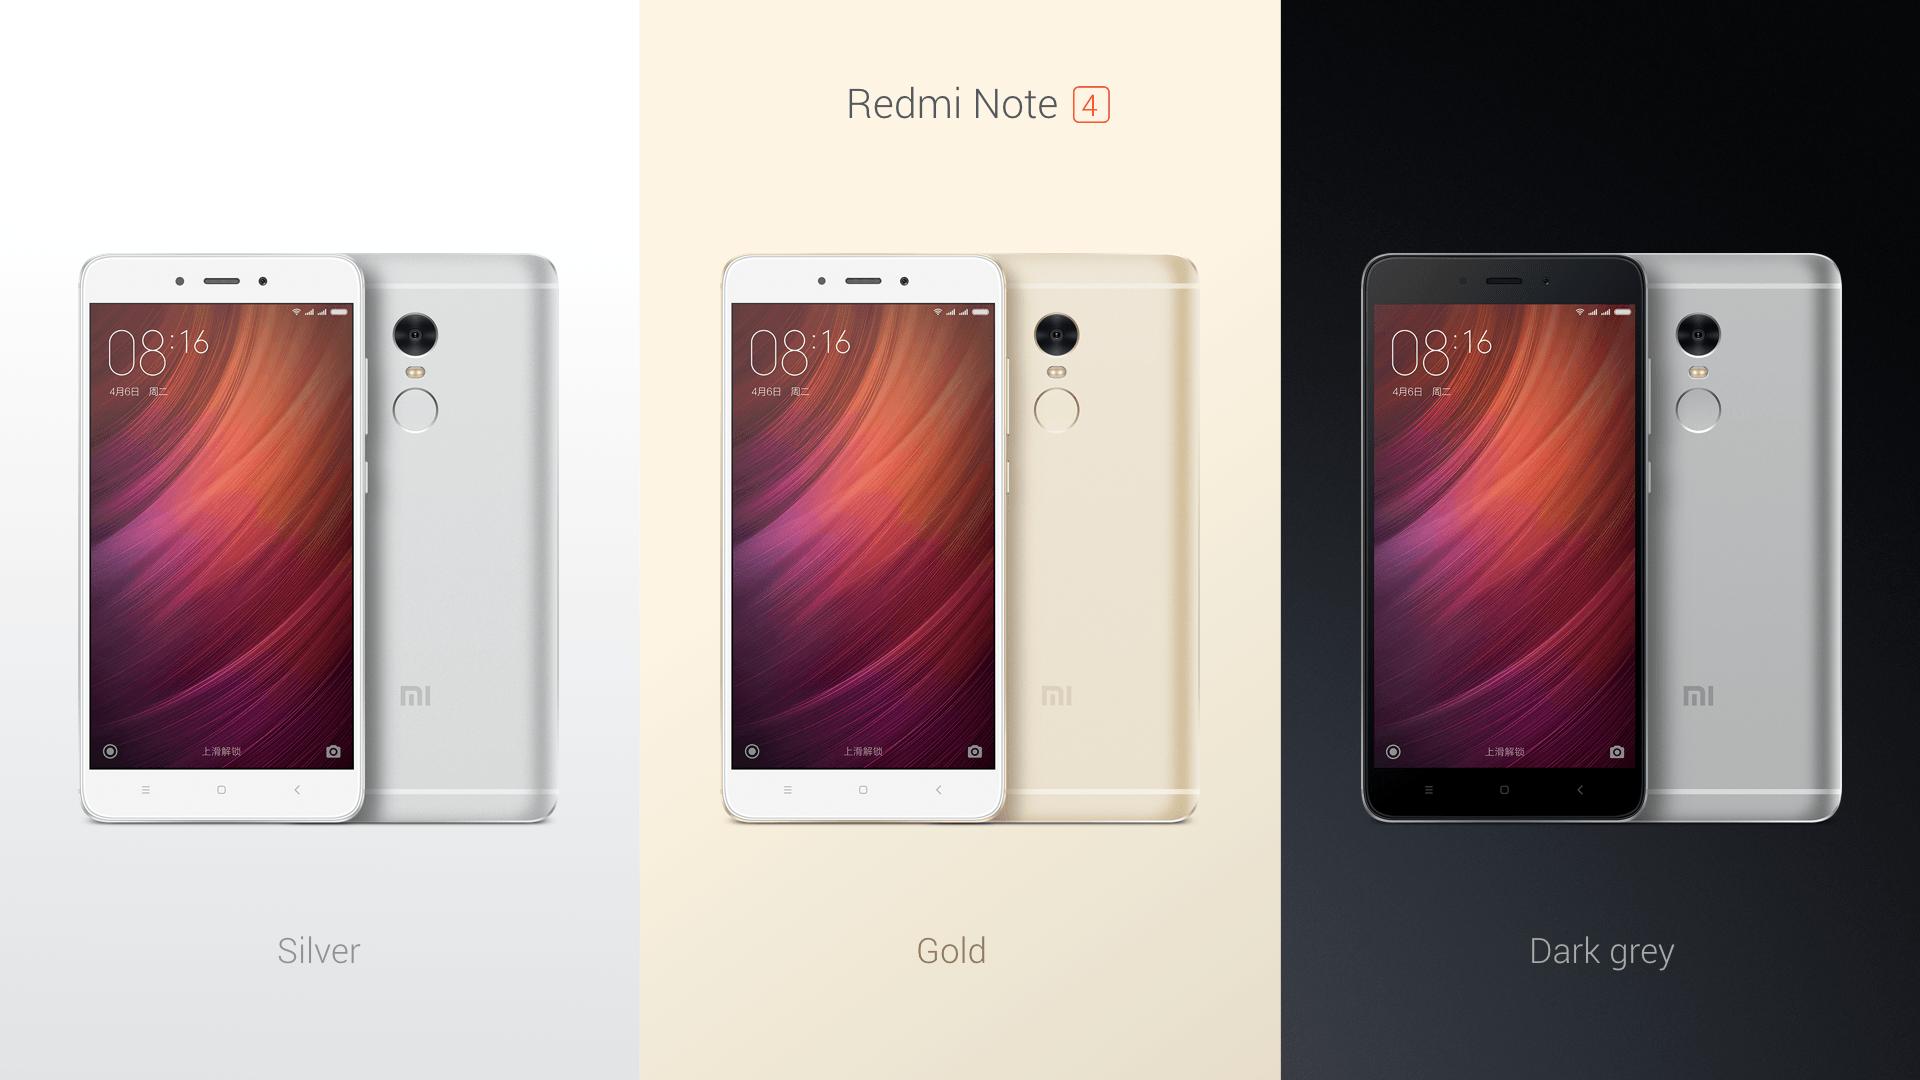 Już wkrótce wystartuje w Polsce sprzedaż Xiaomi Redmi Note 4 ze Snapdragonem 625 26